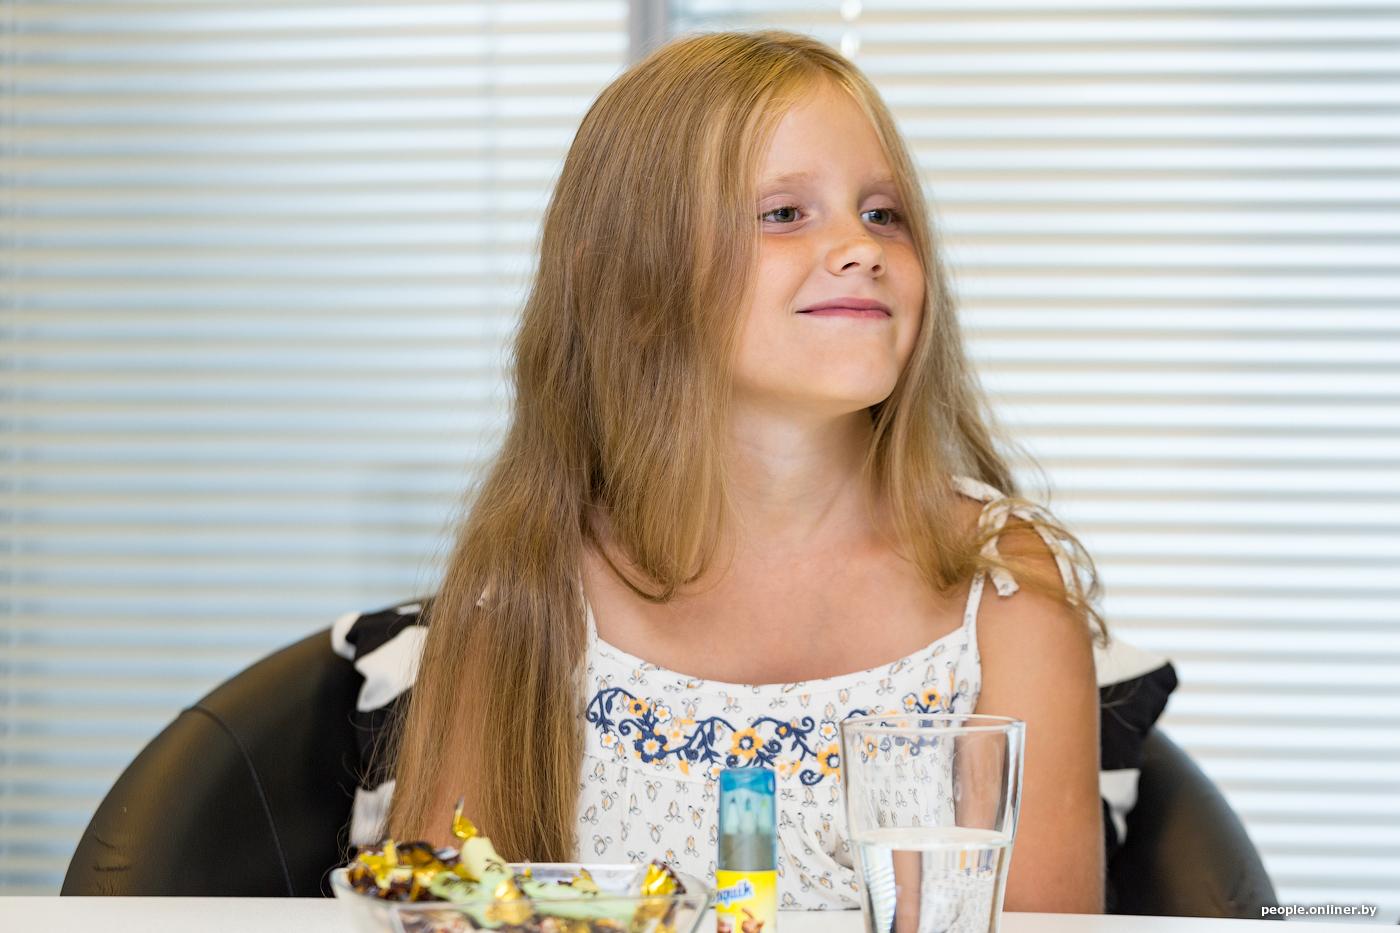 Ребенок девушка модель работа до года модельное агенство ижевск